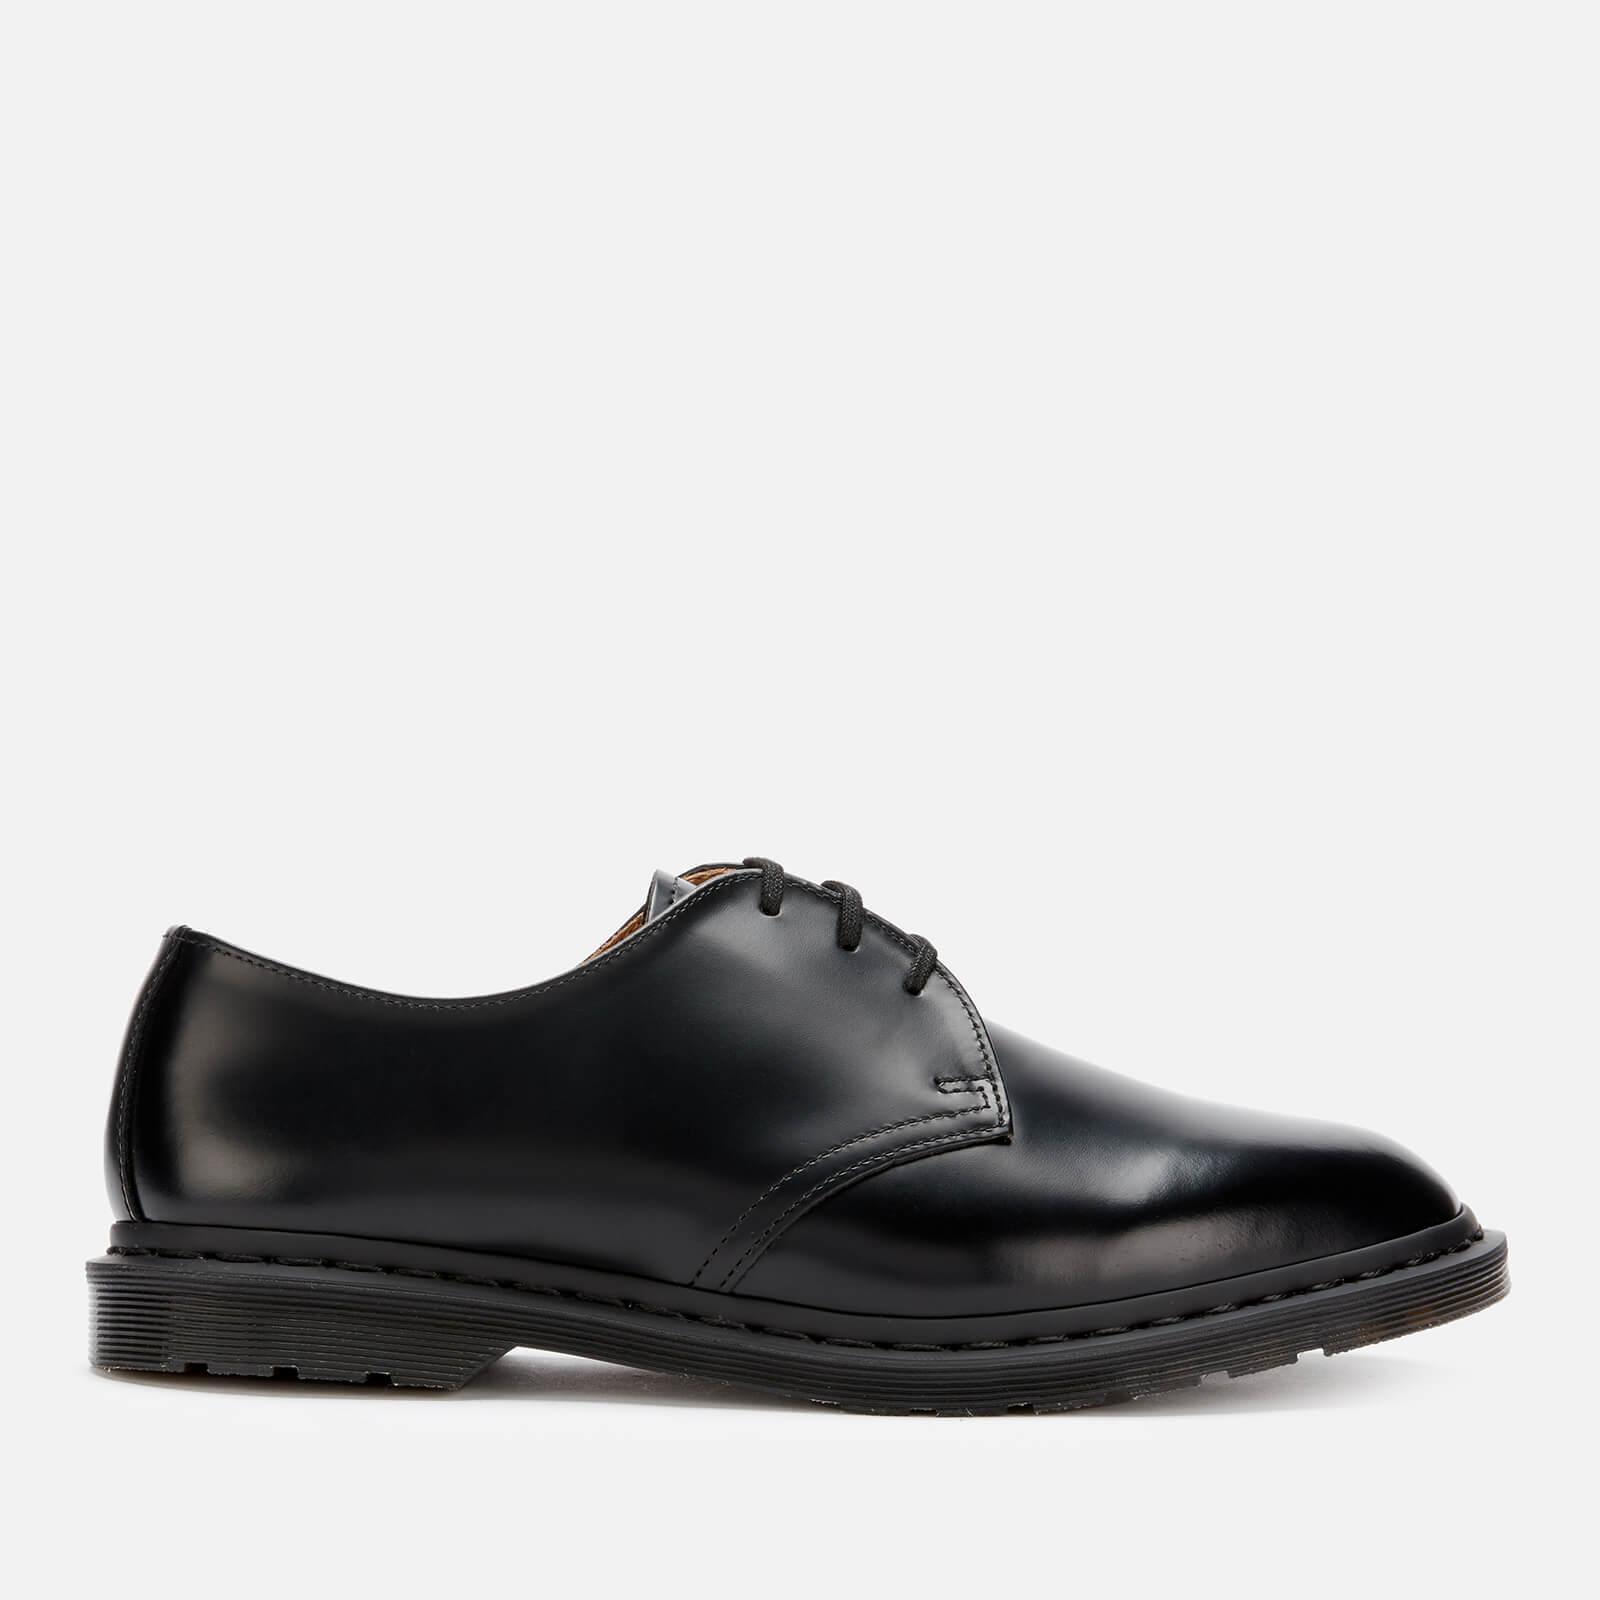 Dr. Martens Men's Archie II Polished Smooth Leather Derby Shoes - Black - UK 11 - Black